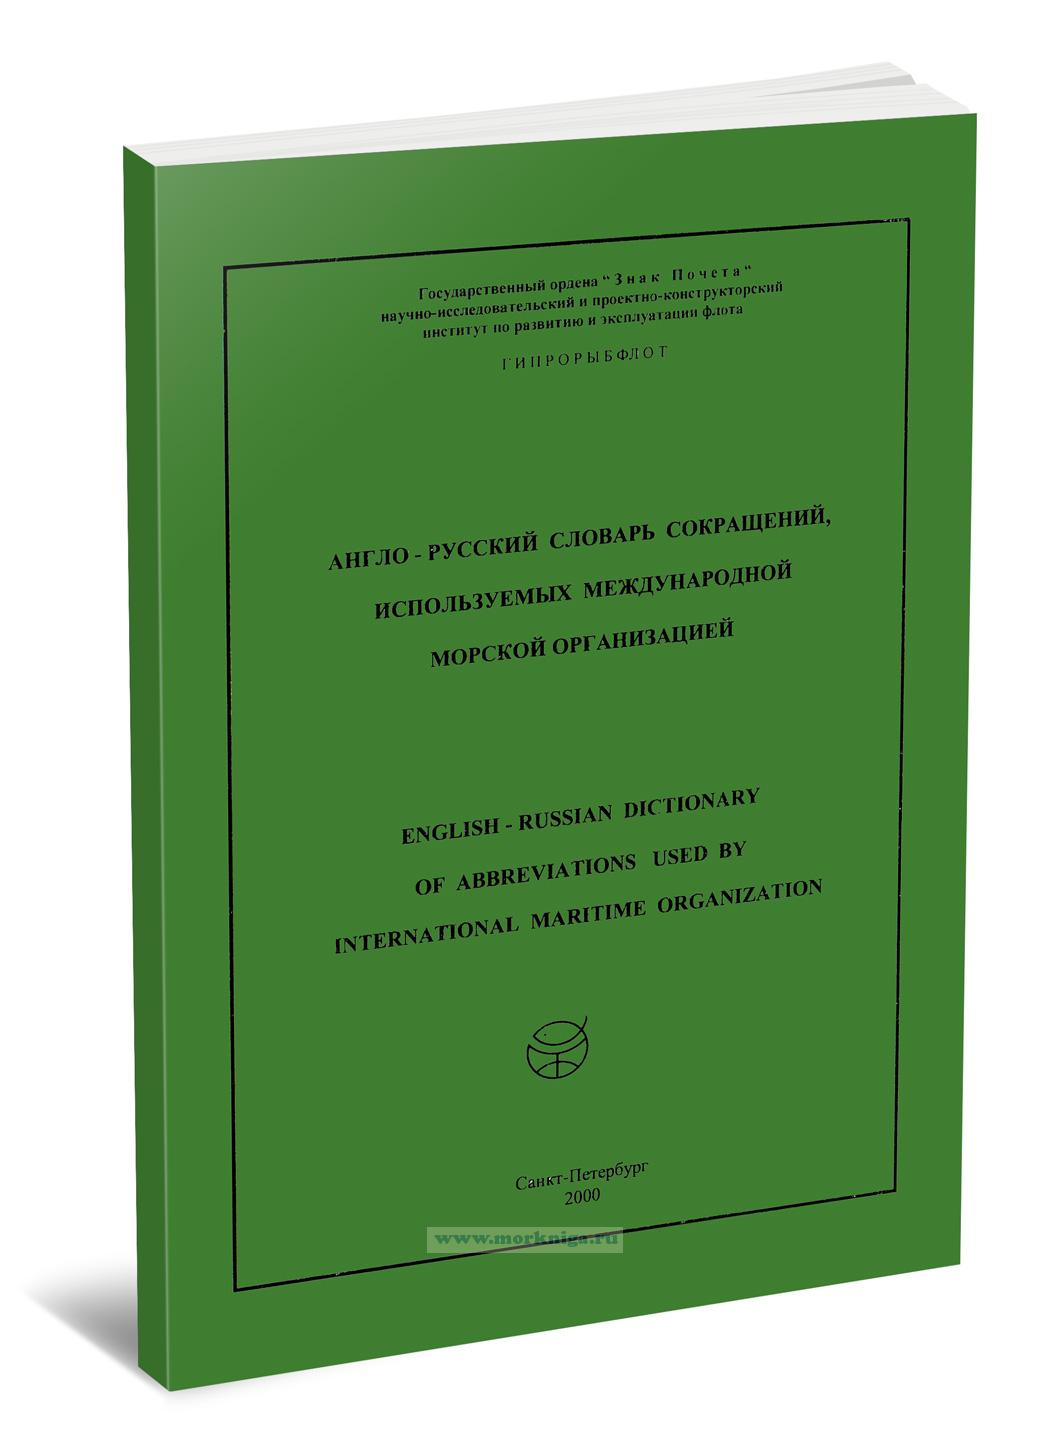 Англо-русский словарь сокращений, используемых международной морской организацией. С дополнениями, 2006 год. (Комплект из 2-х книг)